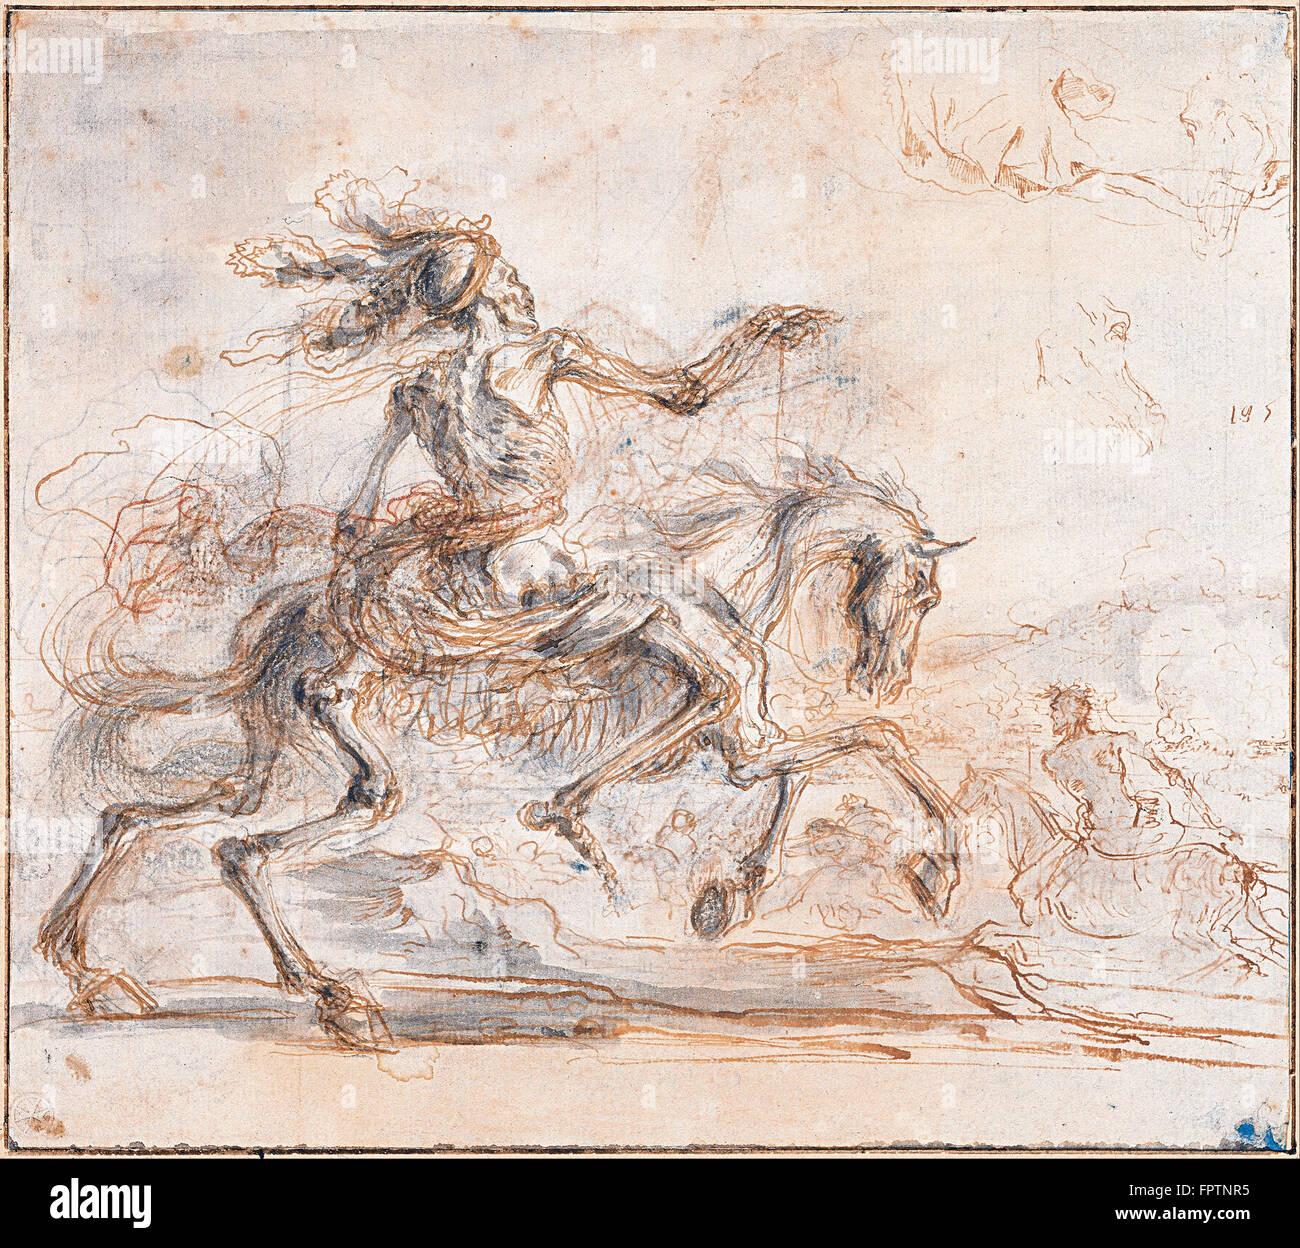 Stefano della Bella - Death on the Battlefield - Stock Image